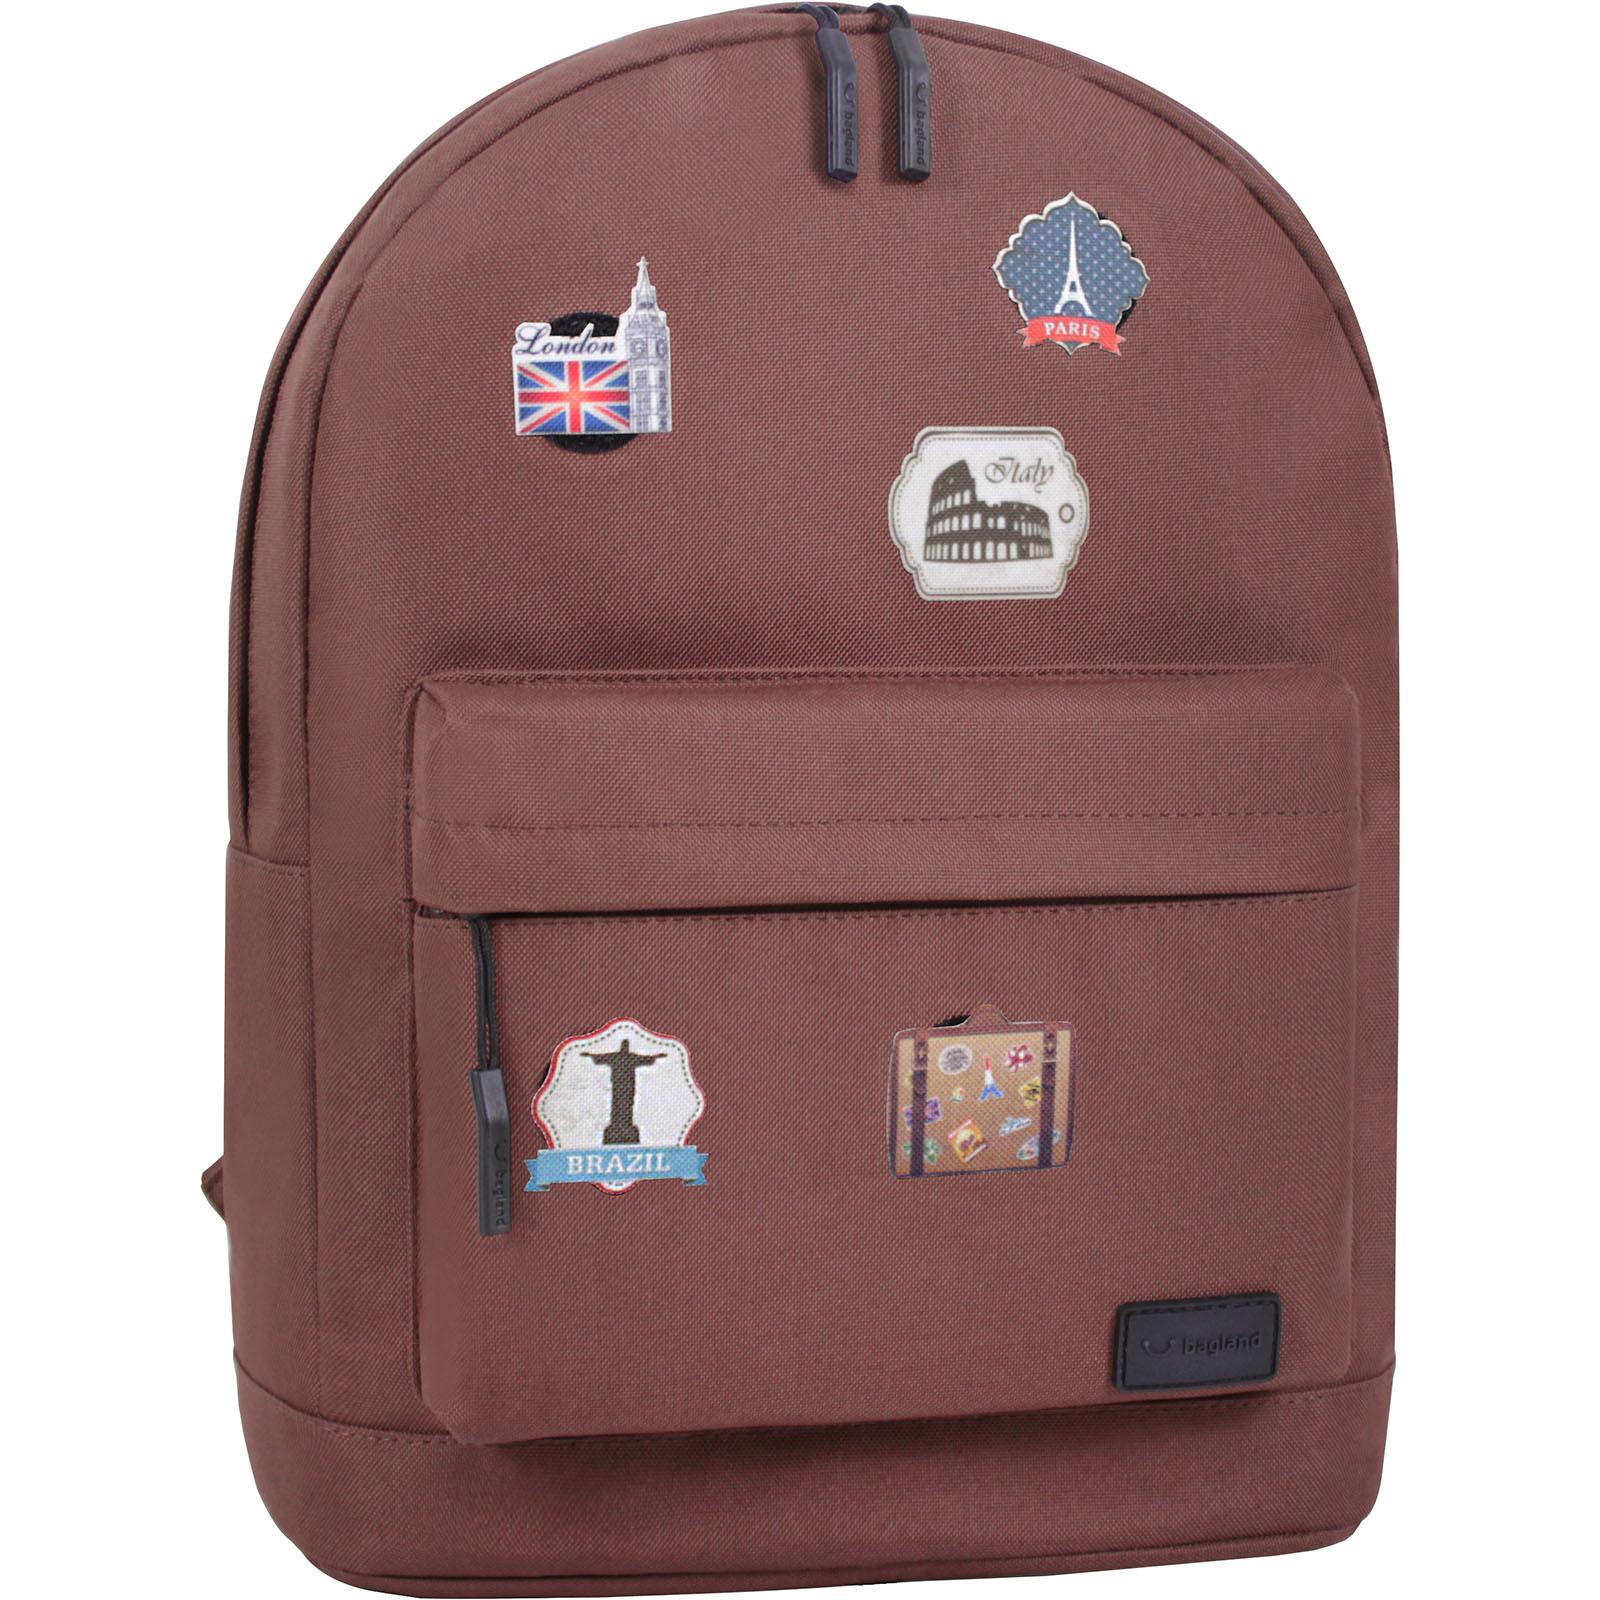 Городские рюкзаки Рюкзак Bagland Молодежный W/R 17 л. 299 коричневый (00533662 Ш) IMG_3075.JPG